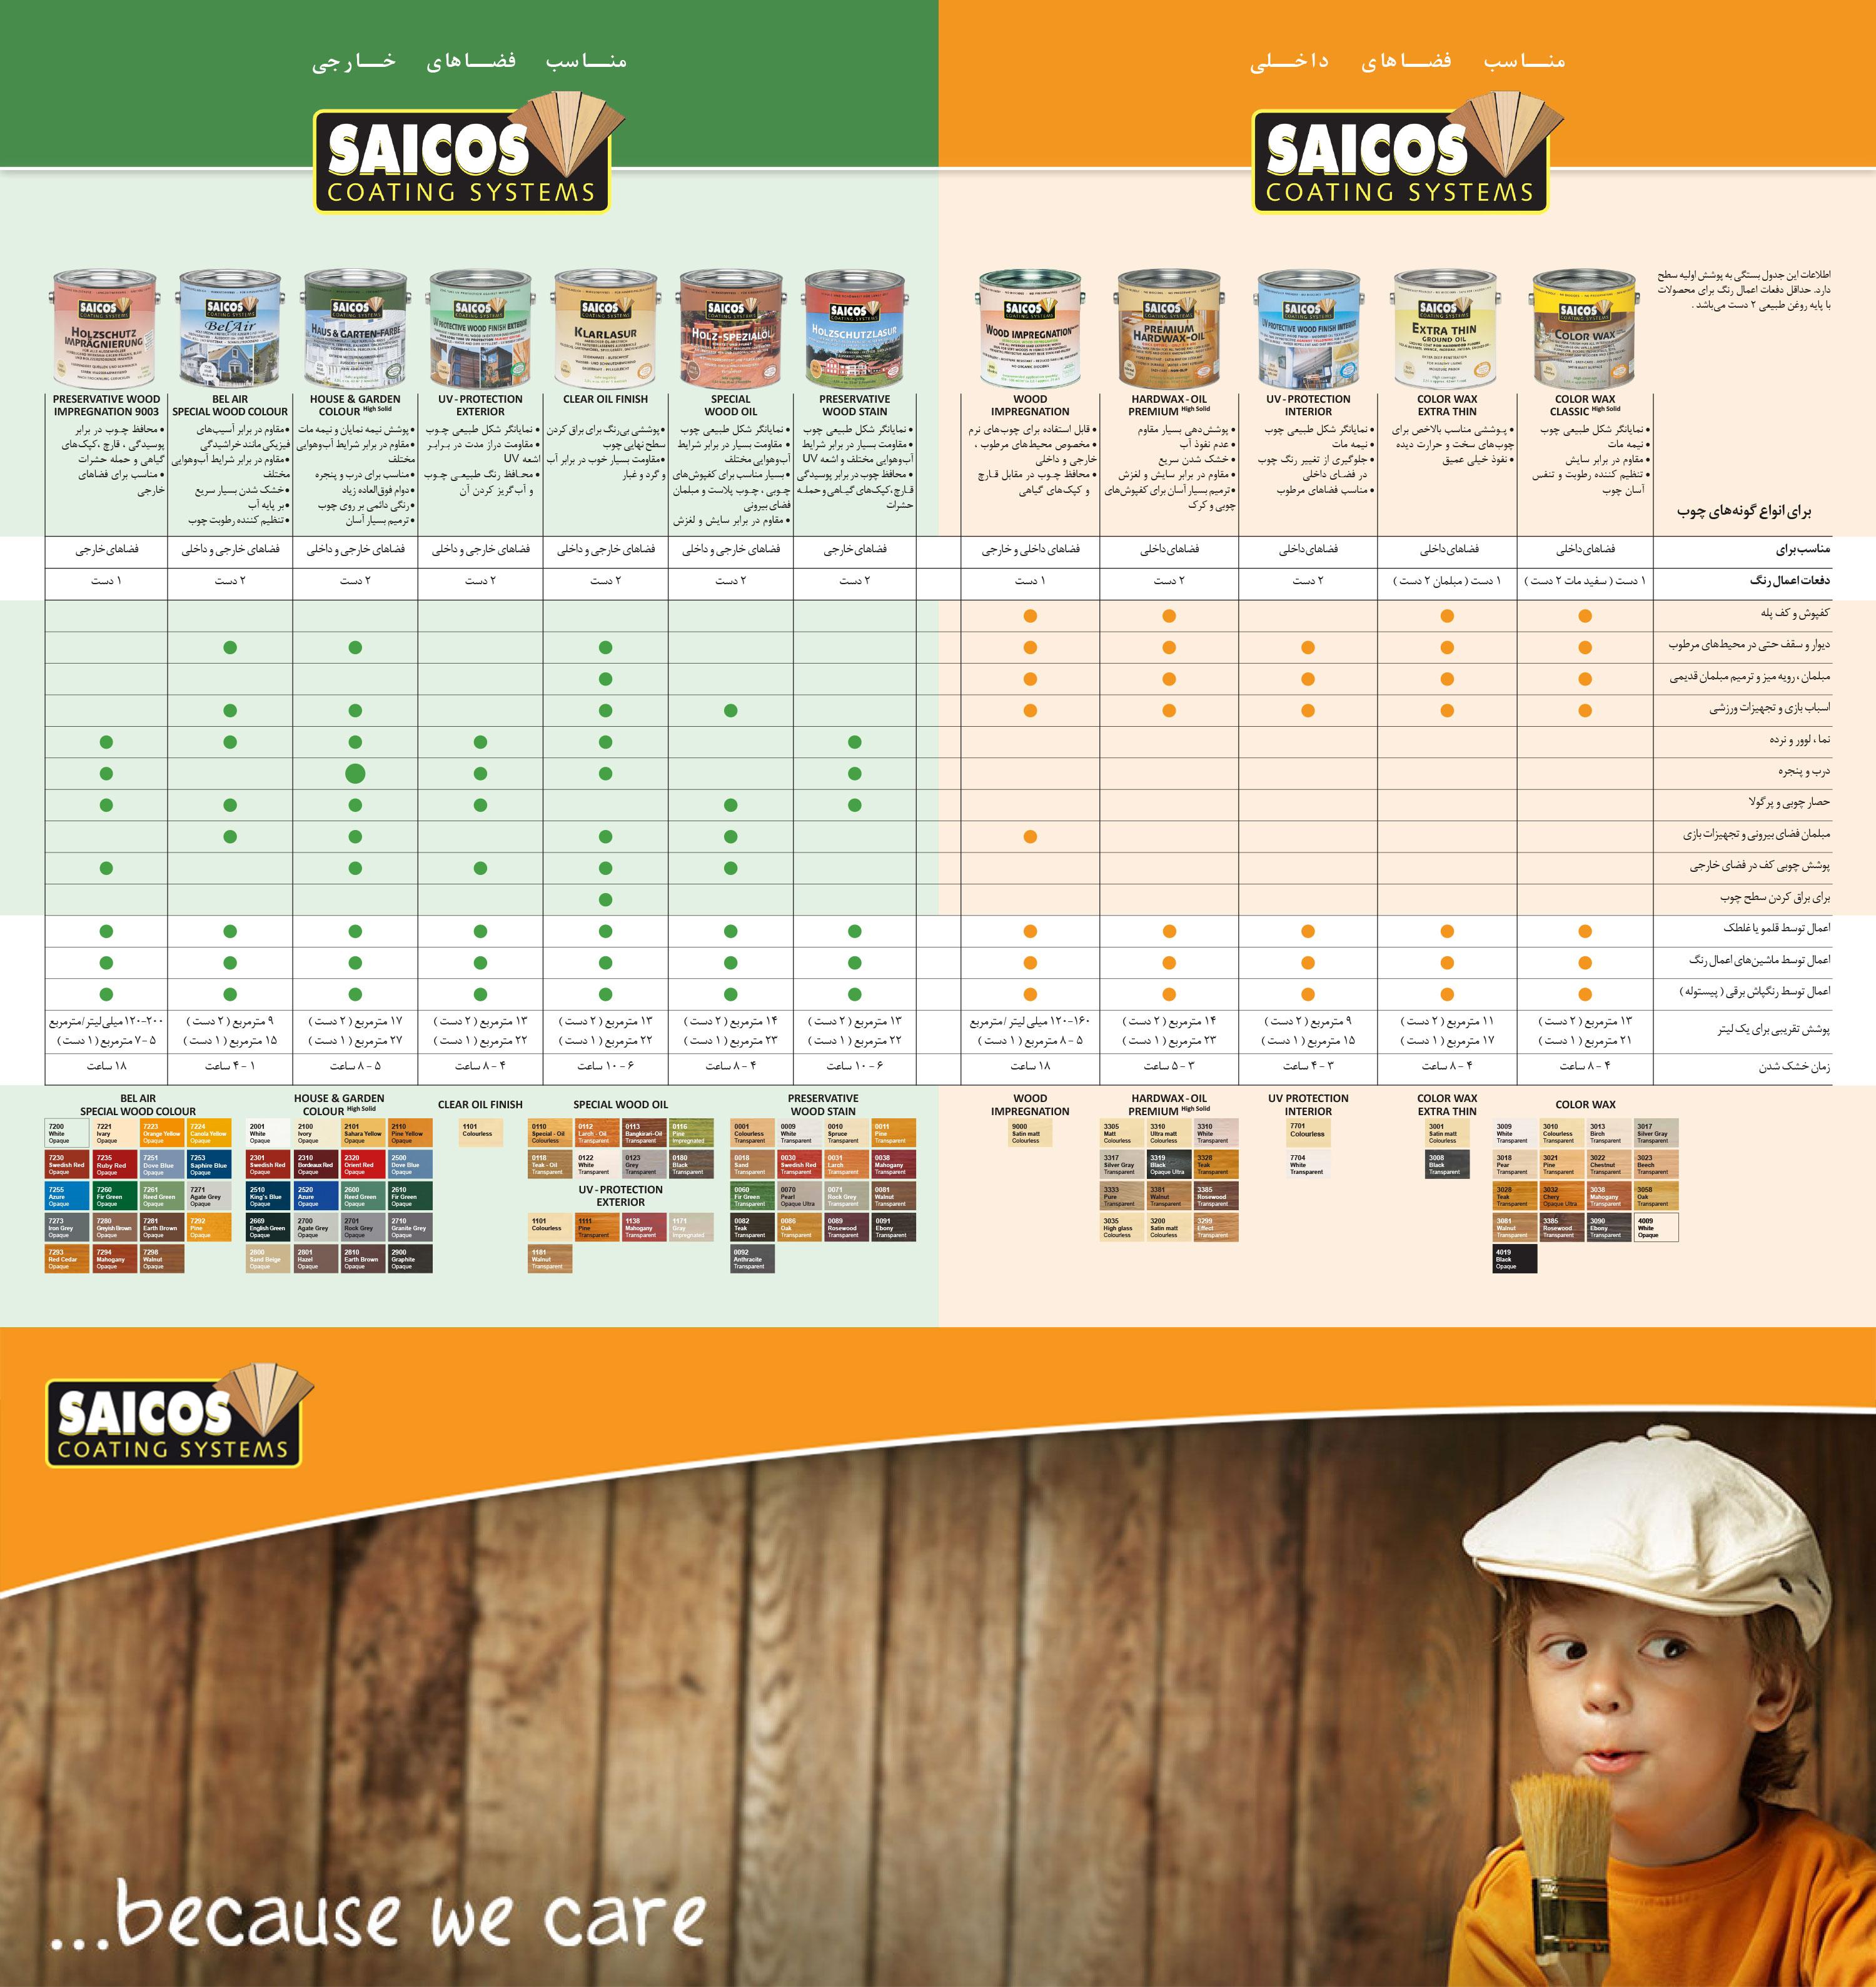 راهنمای استفاده از پوشش محافظ رنگ چوب و روغن چوب